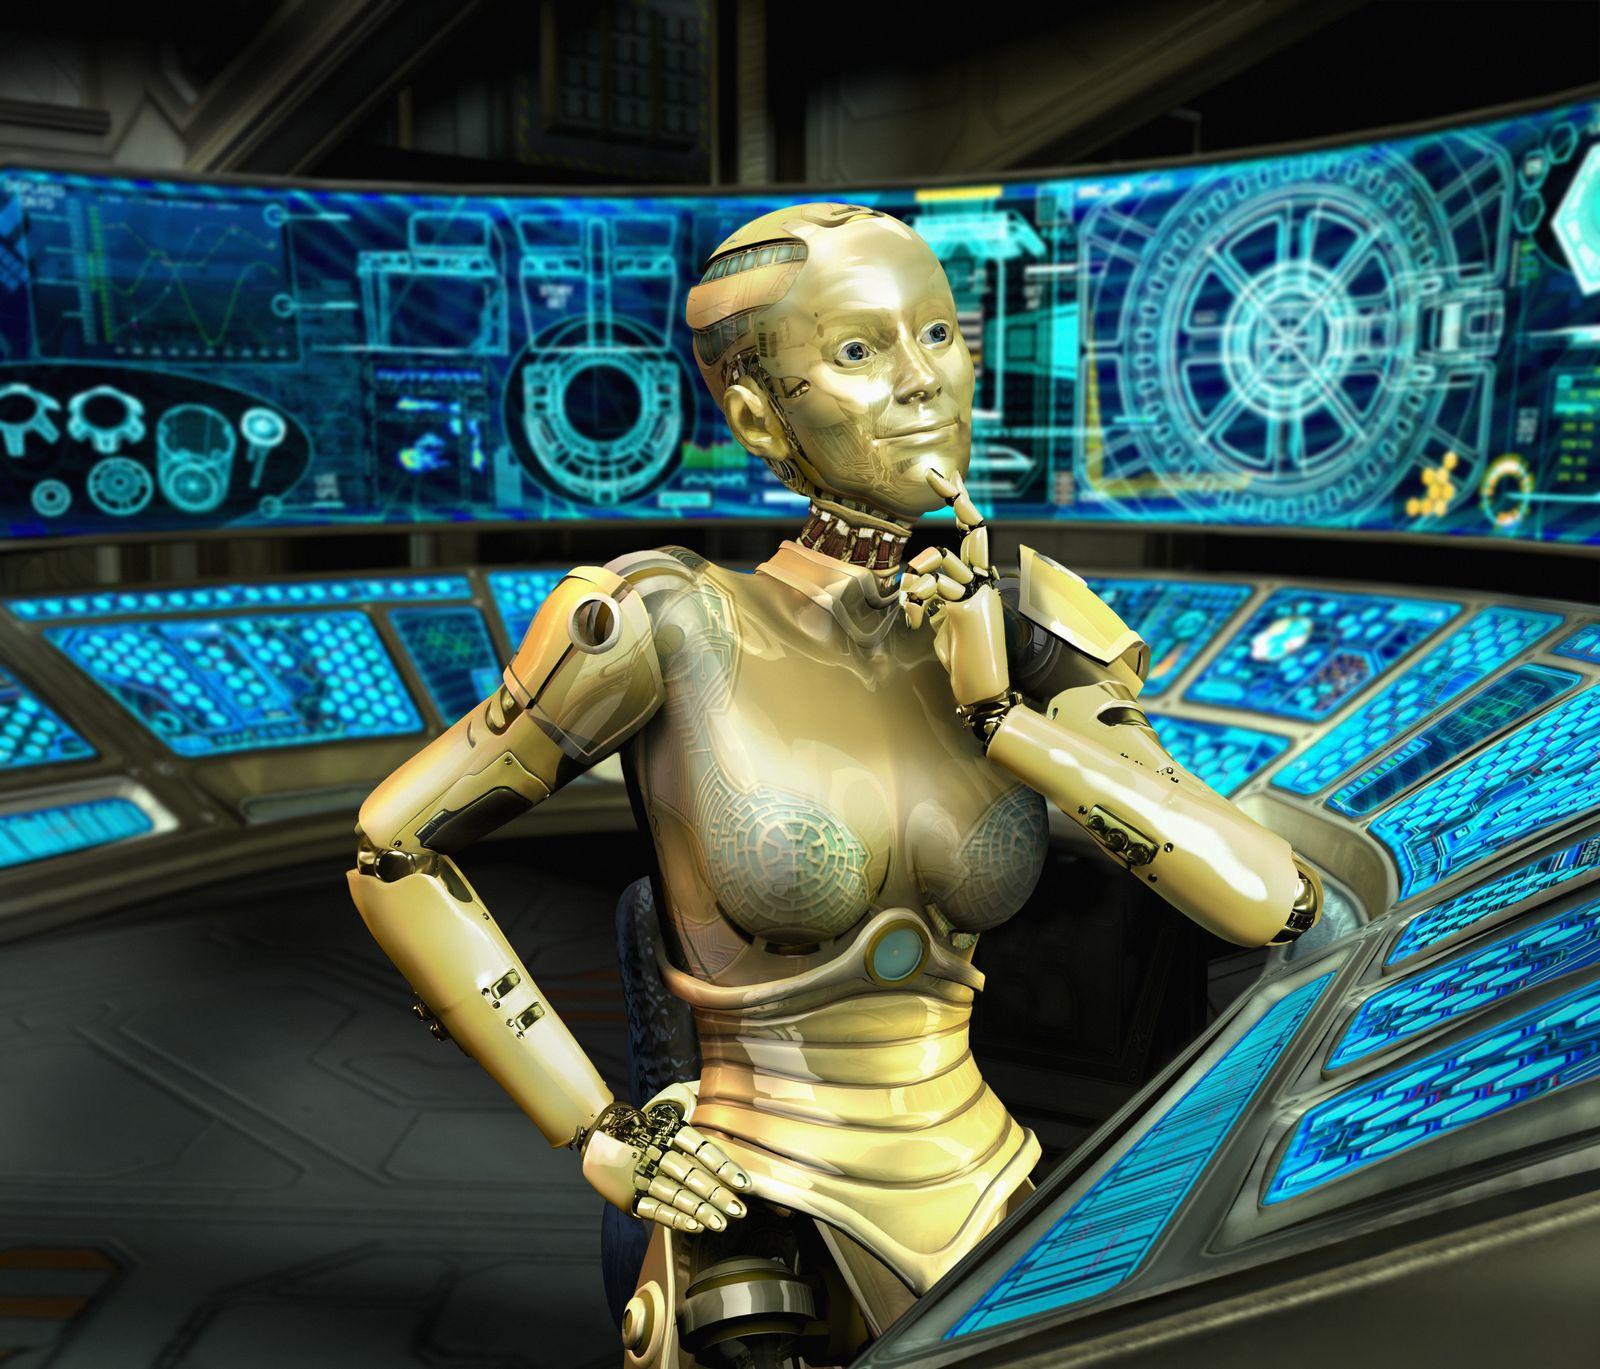 NICHT MEHR VERWENDEN! - Goldener Roboter an einem Schaltpult